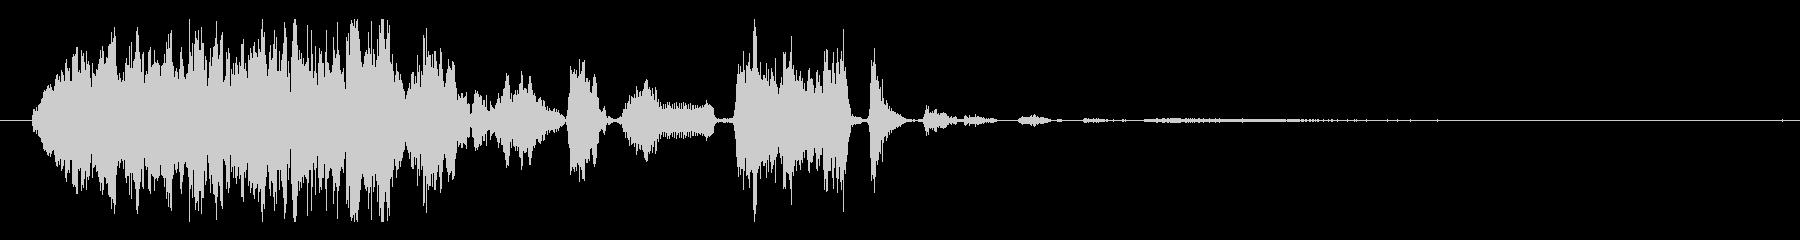 イメージ クレイジートーク02の未再生の波形